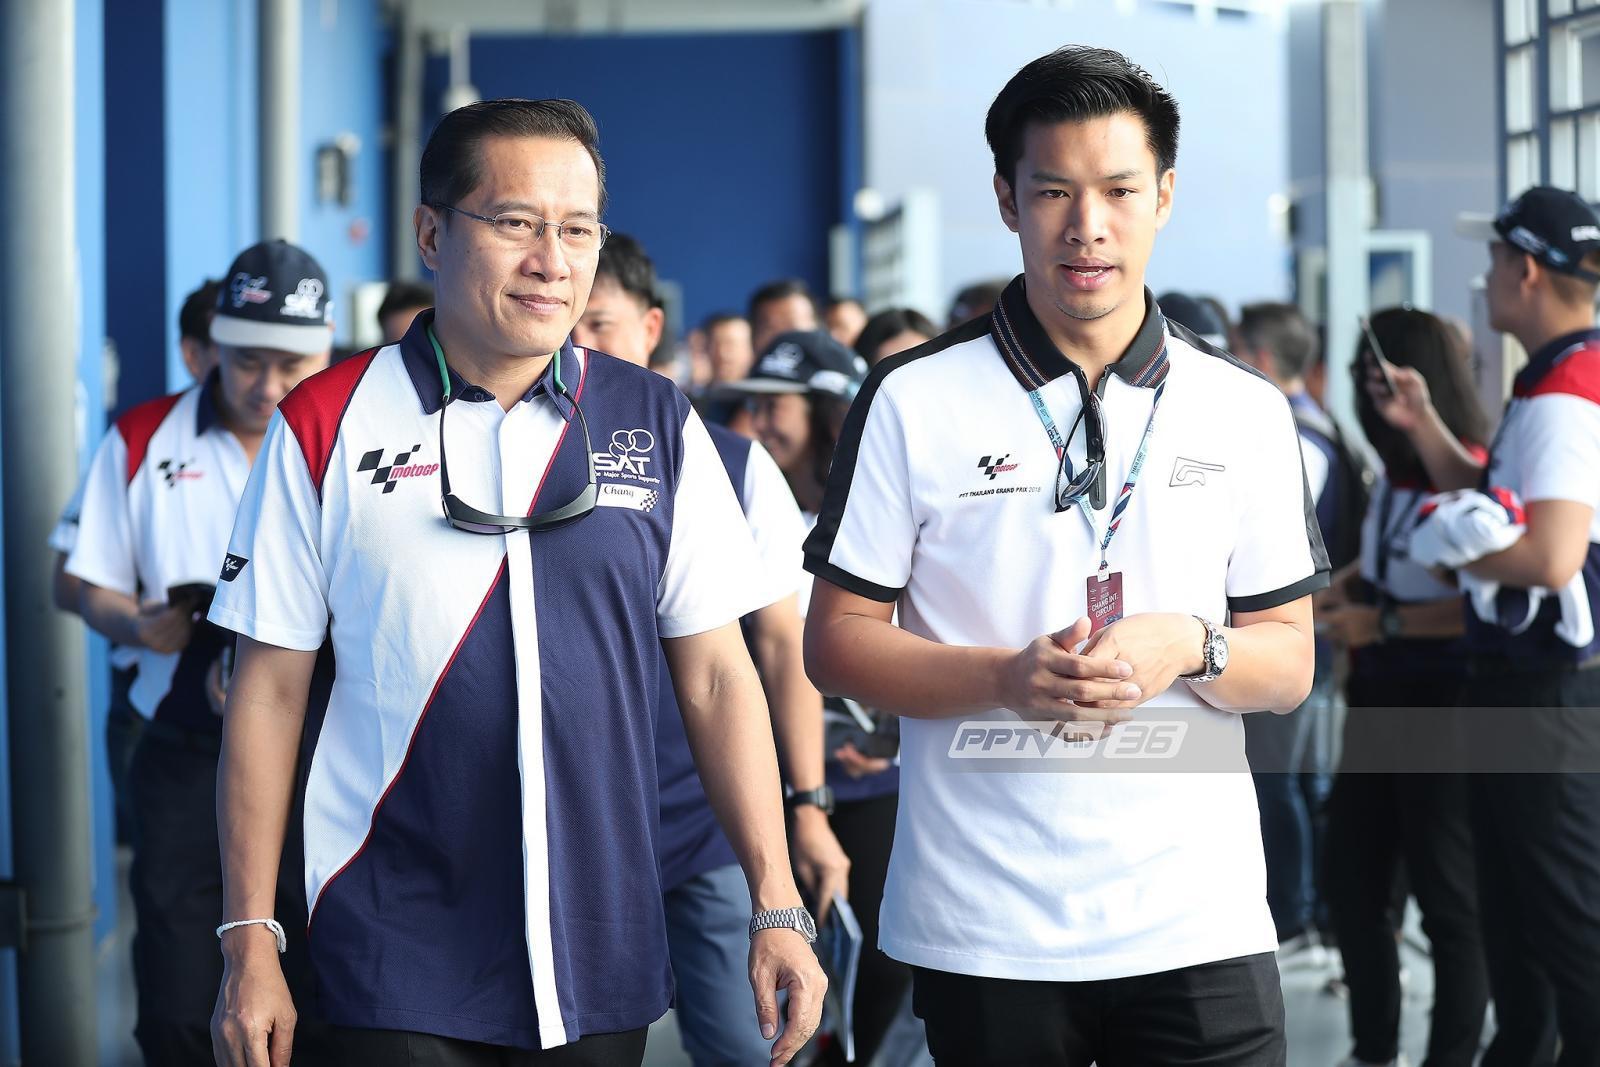 รมต.กีฬา ตรวจความพร้อมสนามช้างฯ ก่อนแข่งไทยแลนด์กรังด์ปรีซ์